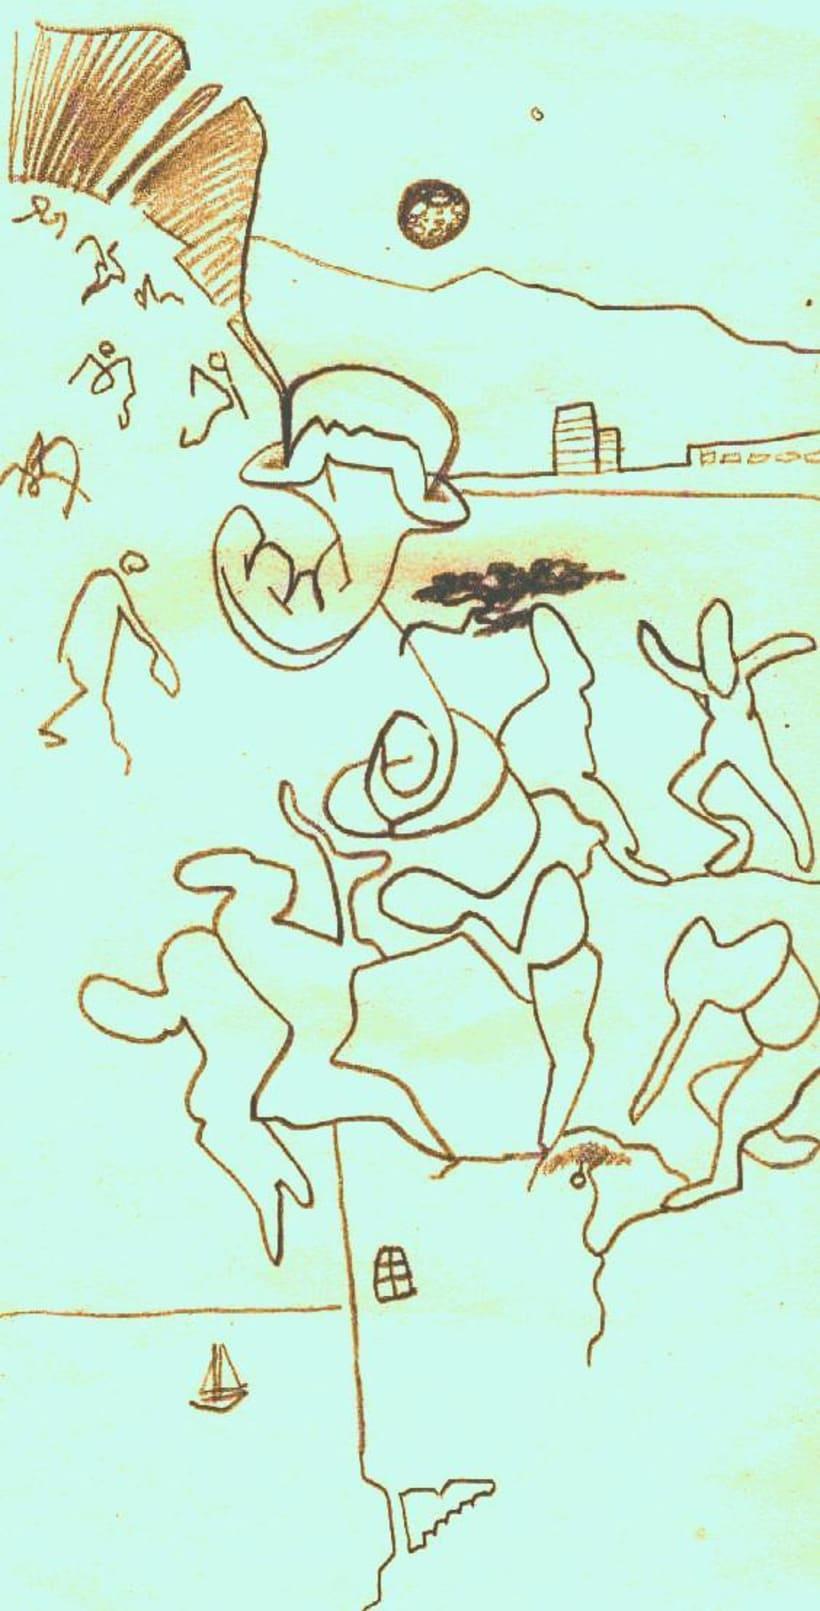 dibujos lapiz/boli 18